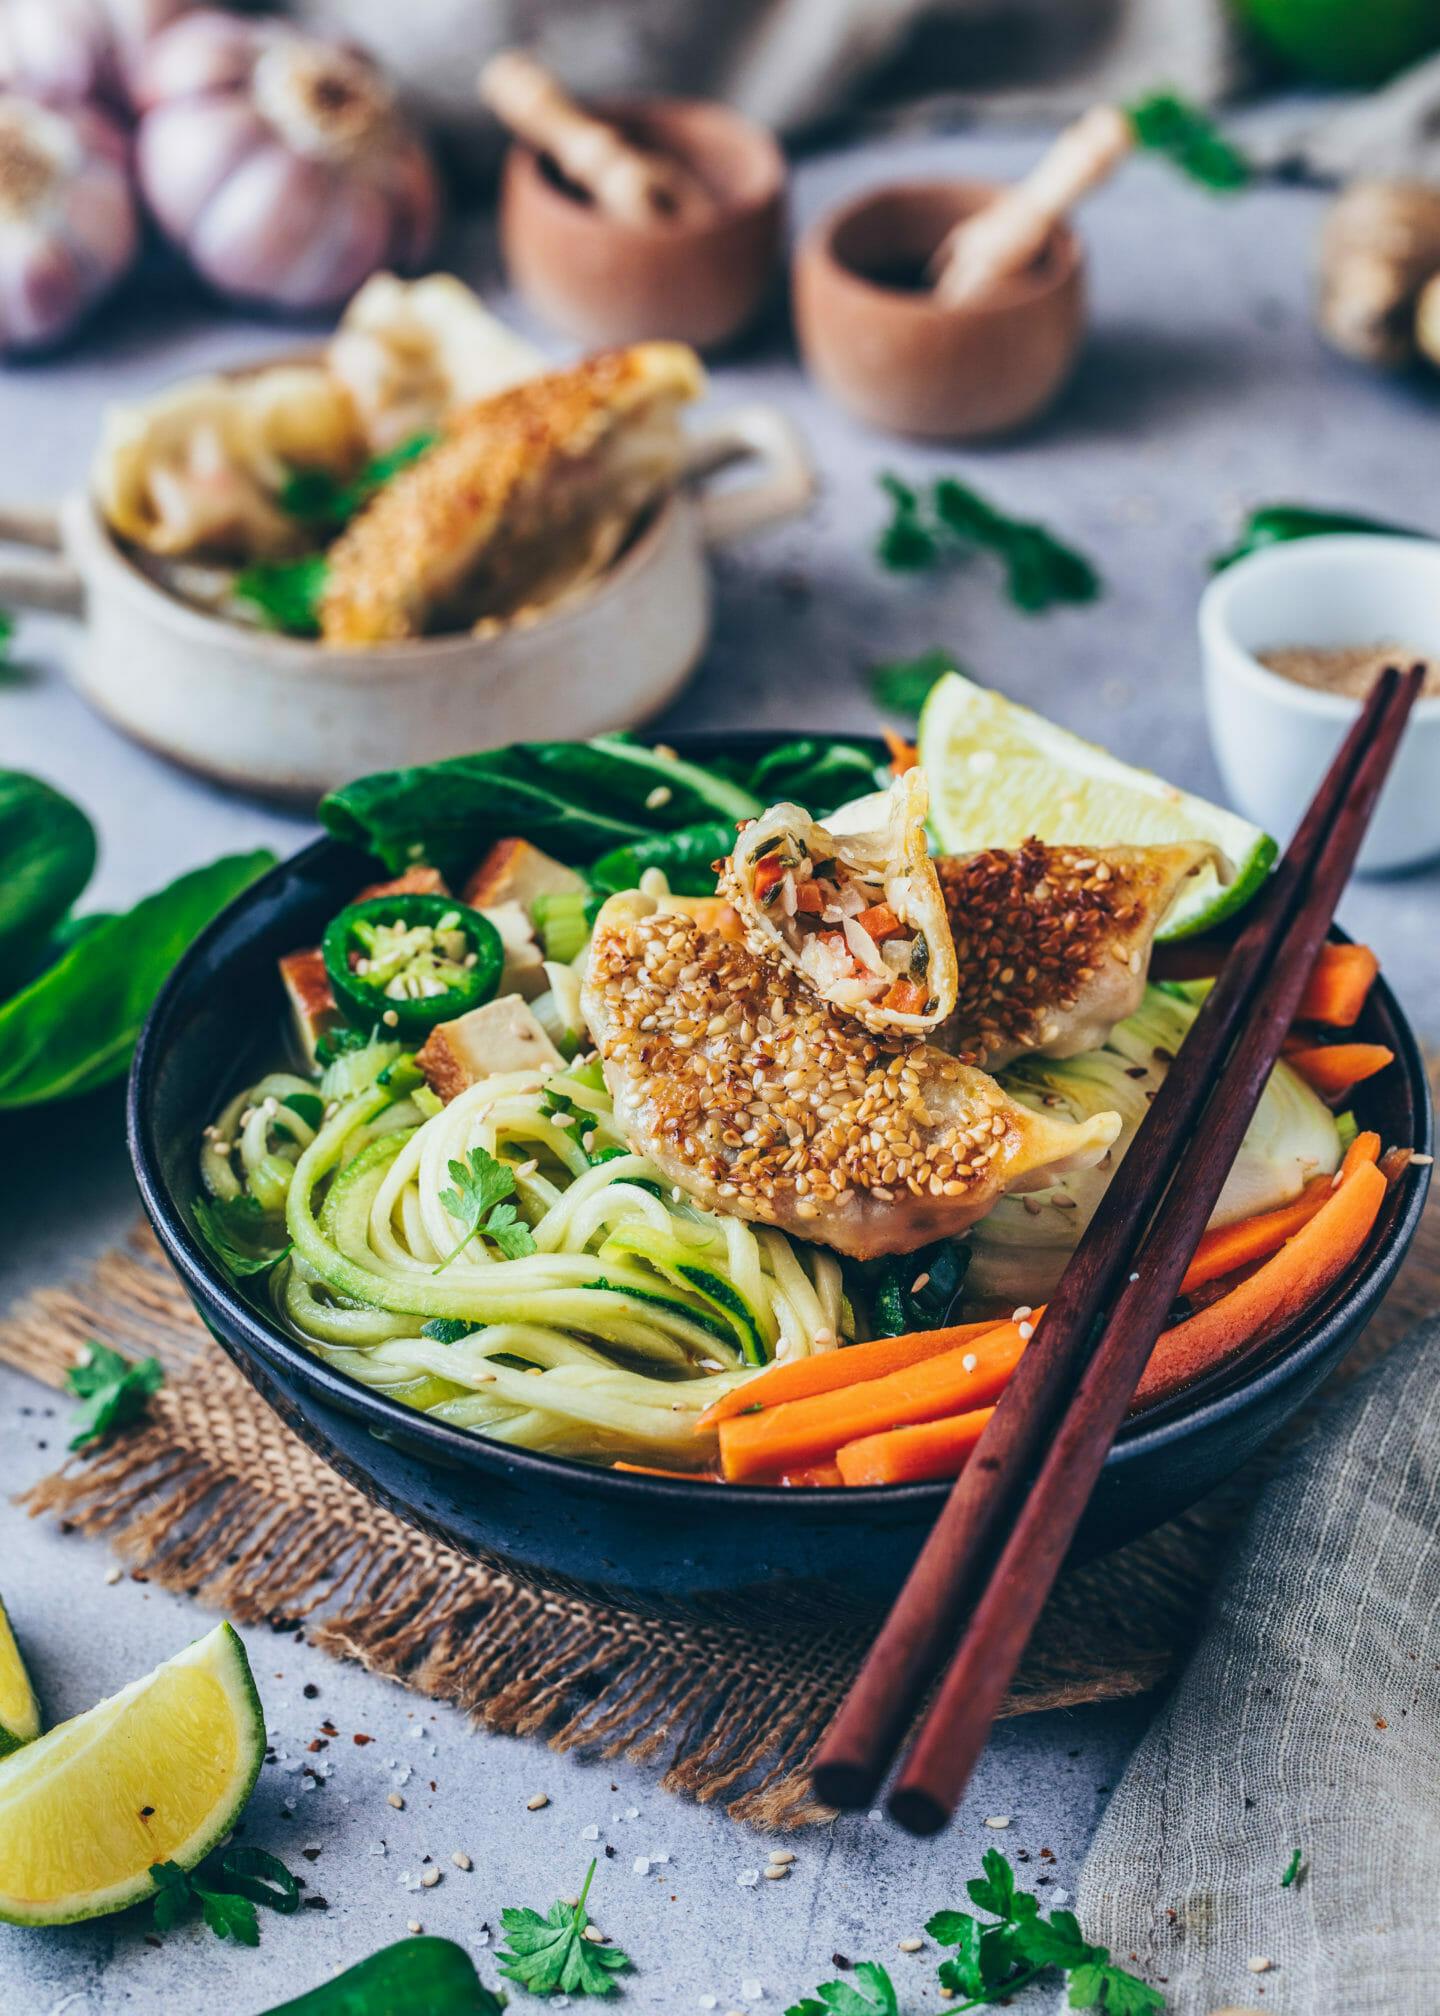 Asiatische Gemüse-Suppe mit Dumplings (Teigtaschen-Suppe)